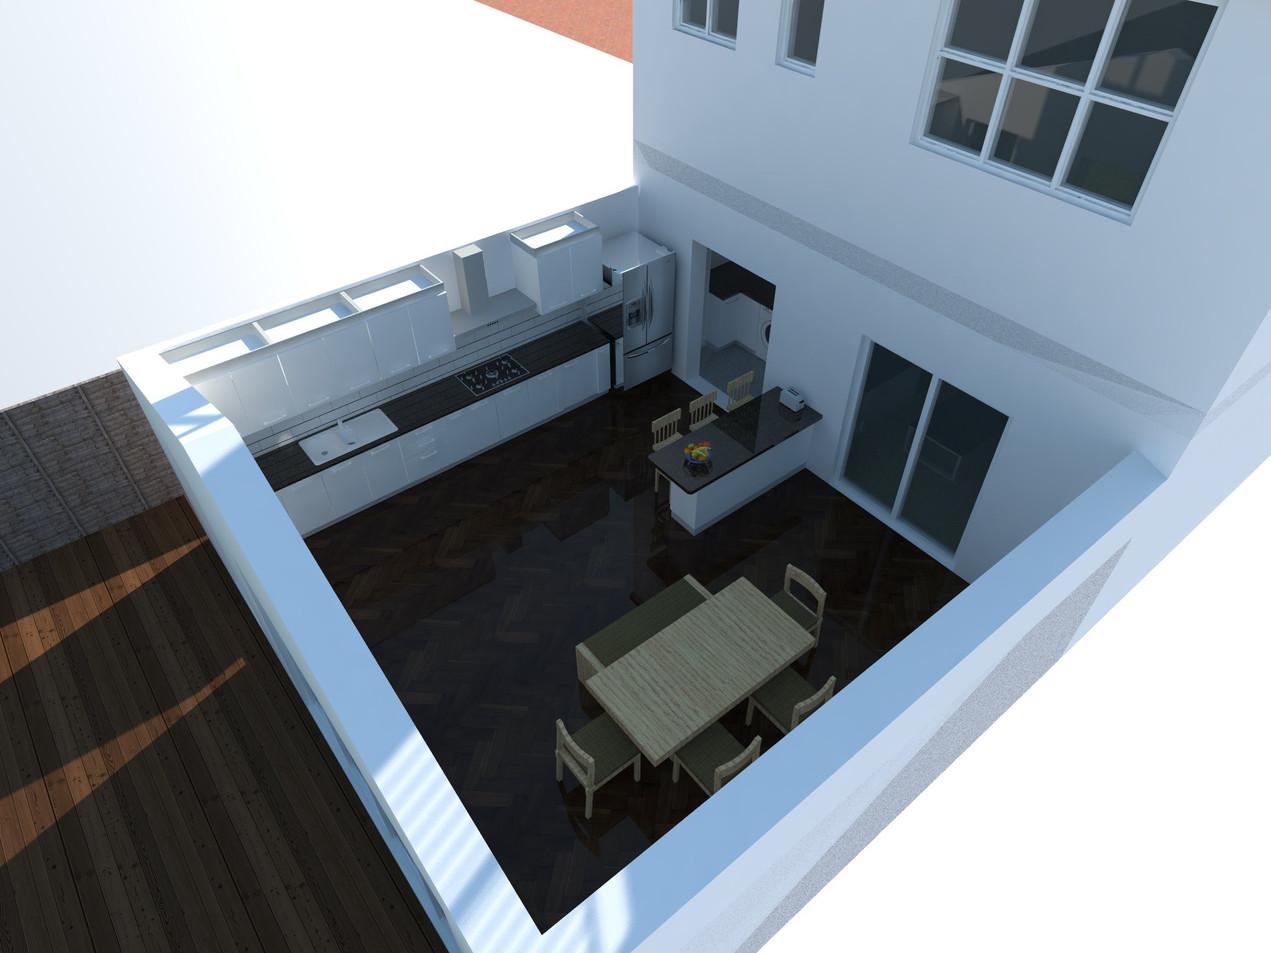 render_kitchen.jpg